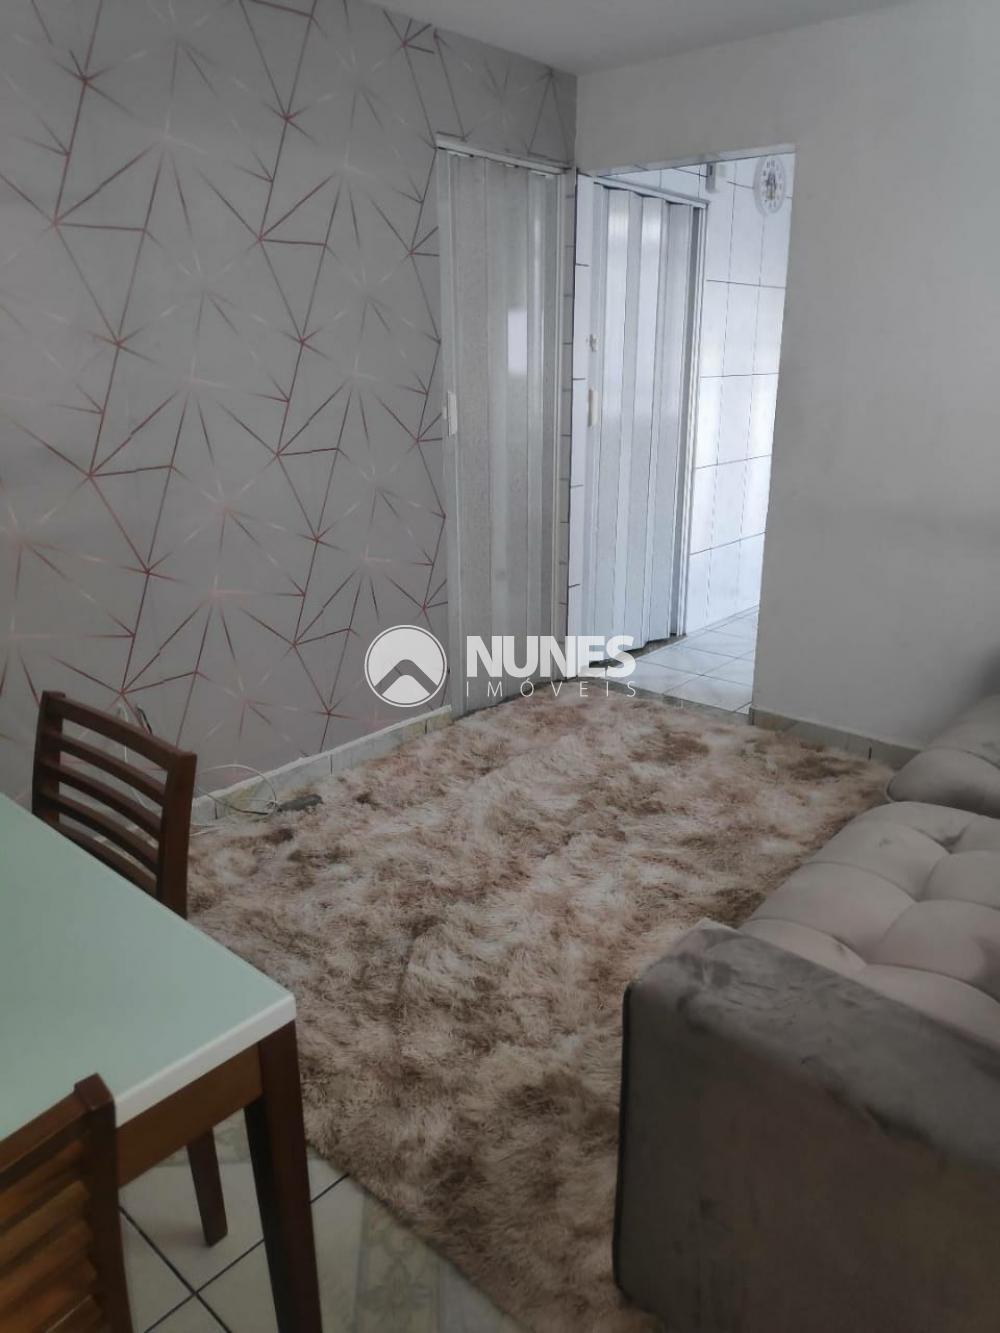 Comprar Apartamento / Padrão em Carapicuíba R$ 130.000,00 - Foto 5